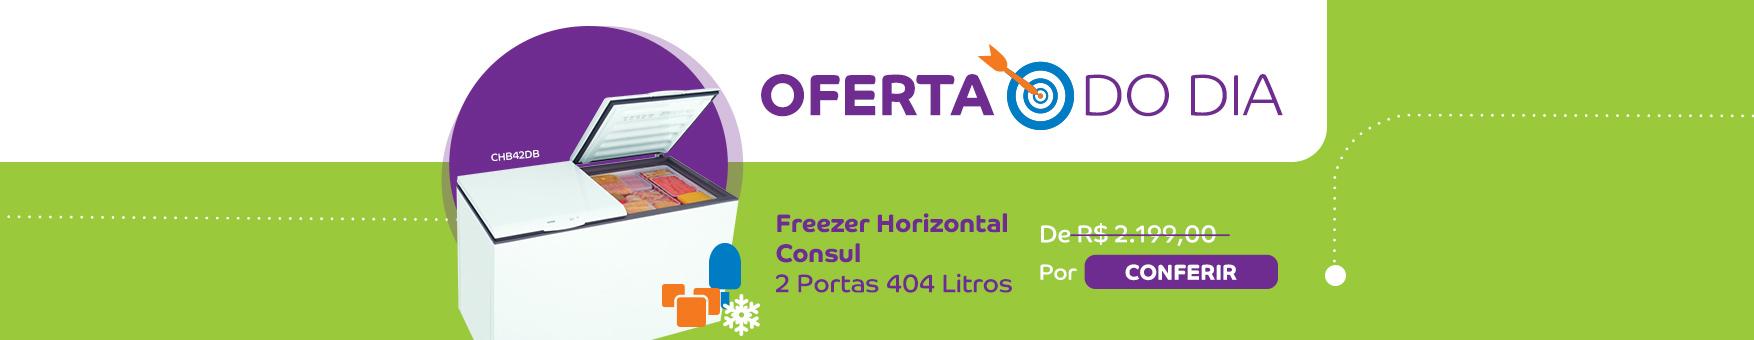 Promoção Interna - 27 - ofertasdodia - chb42db - 7